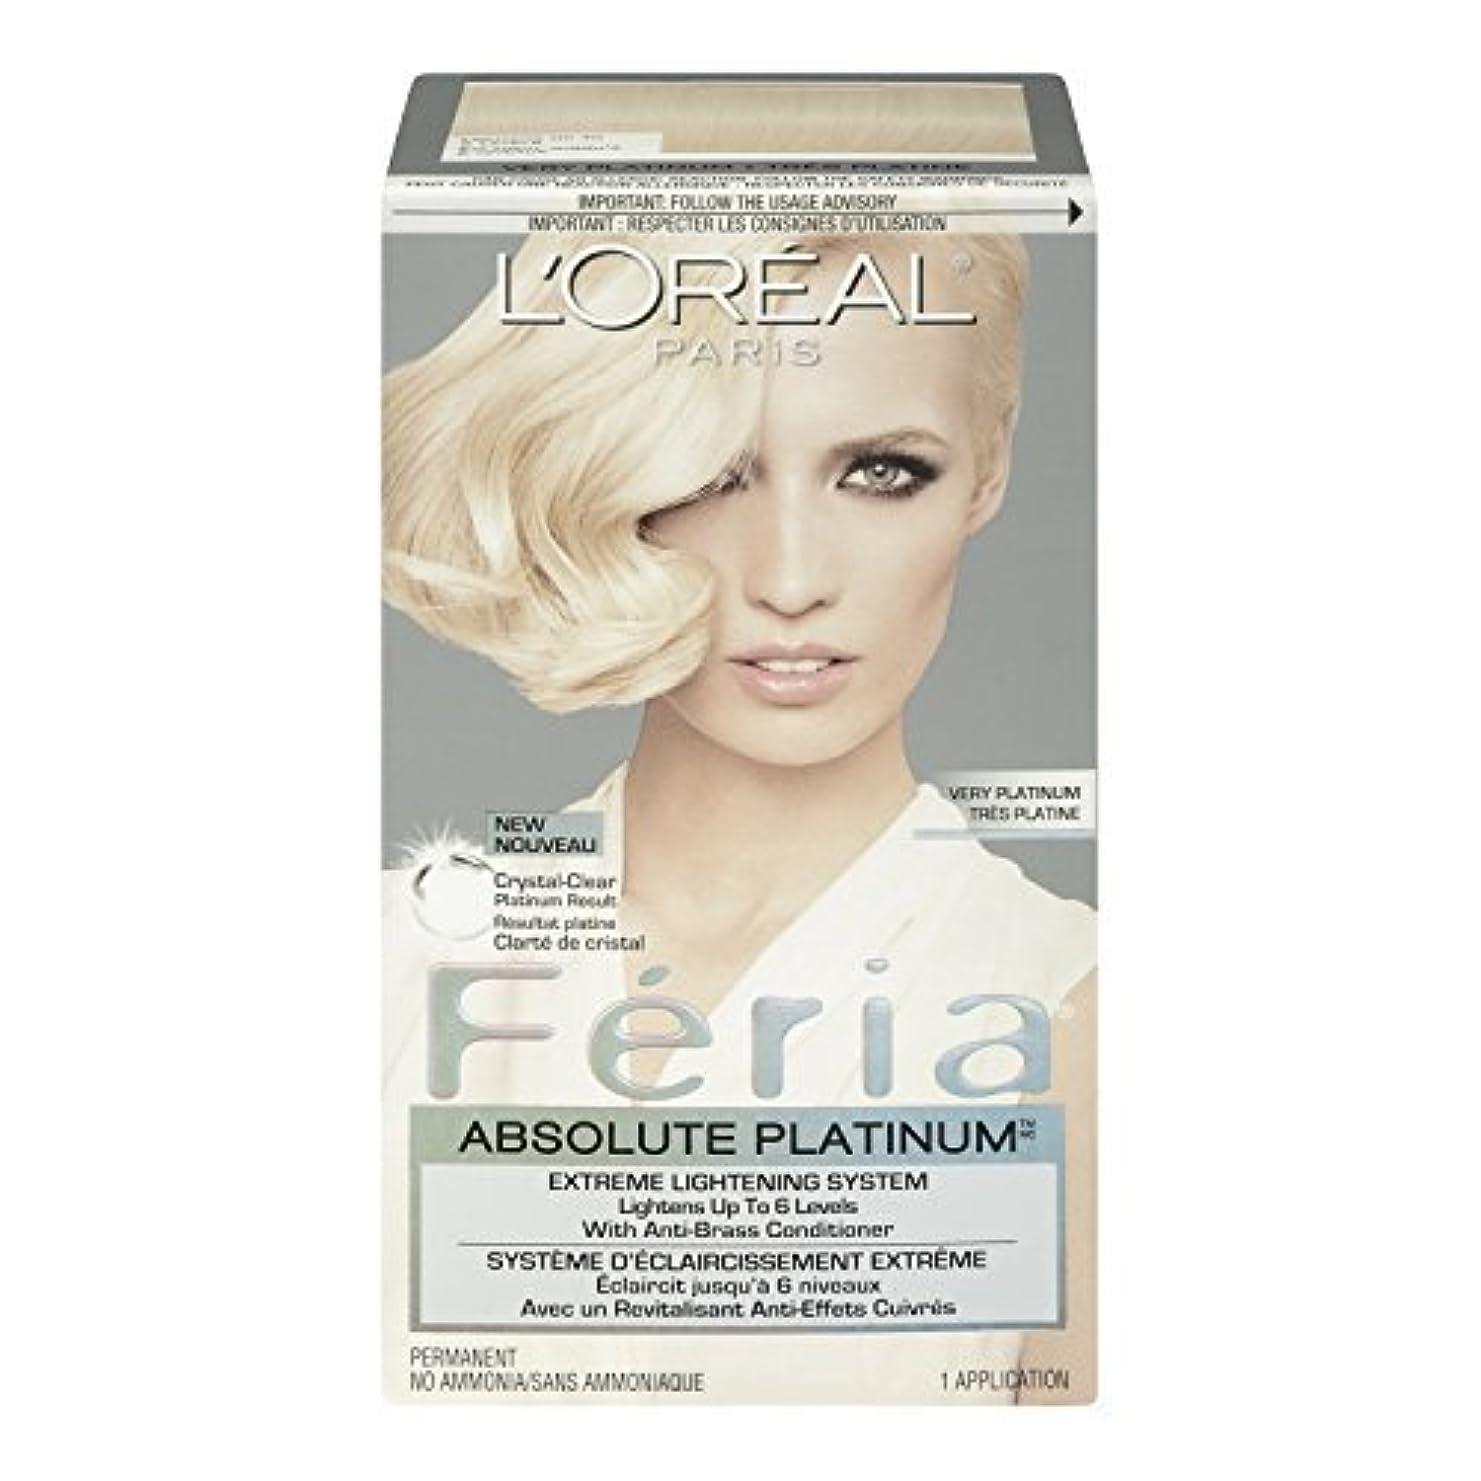 時刻表反対家庭教師L'Oreal Feria Absolute Platinums Hair Color, Very Platinum by L'Oreal Paris Hair Color [並行輸入品]